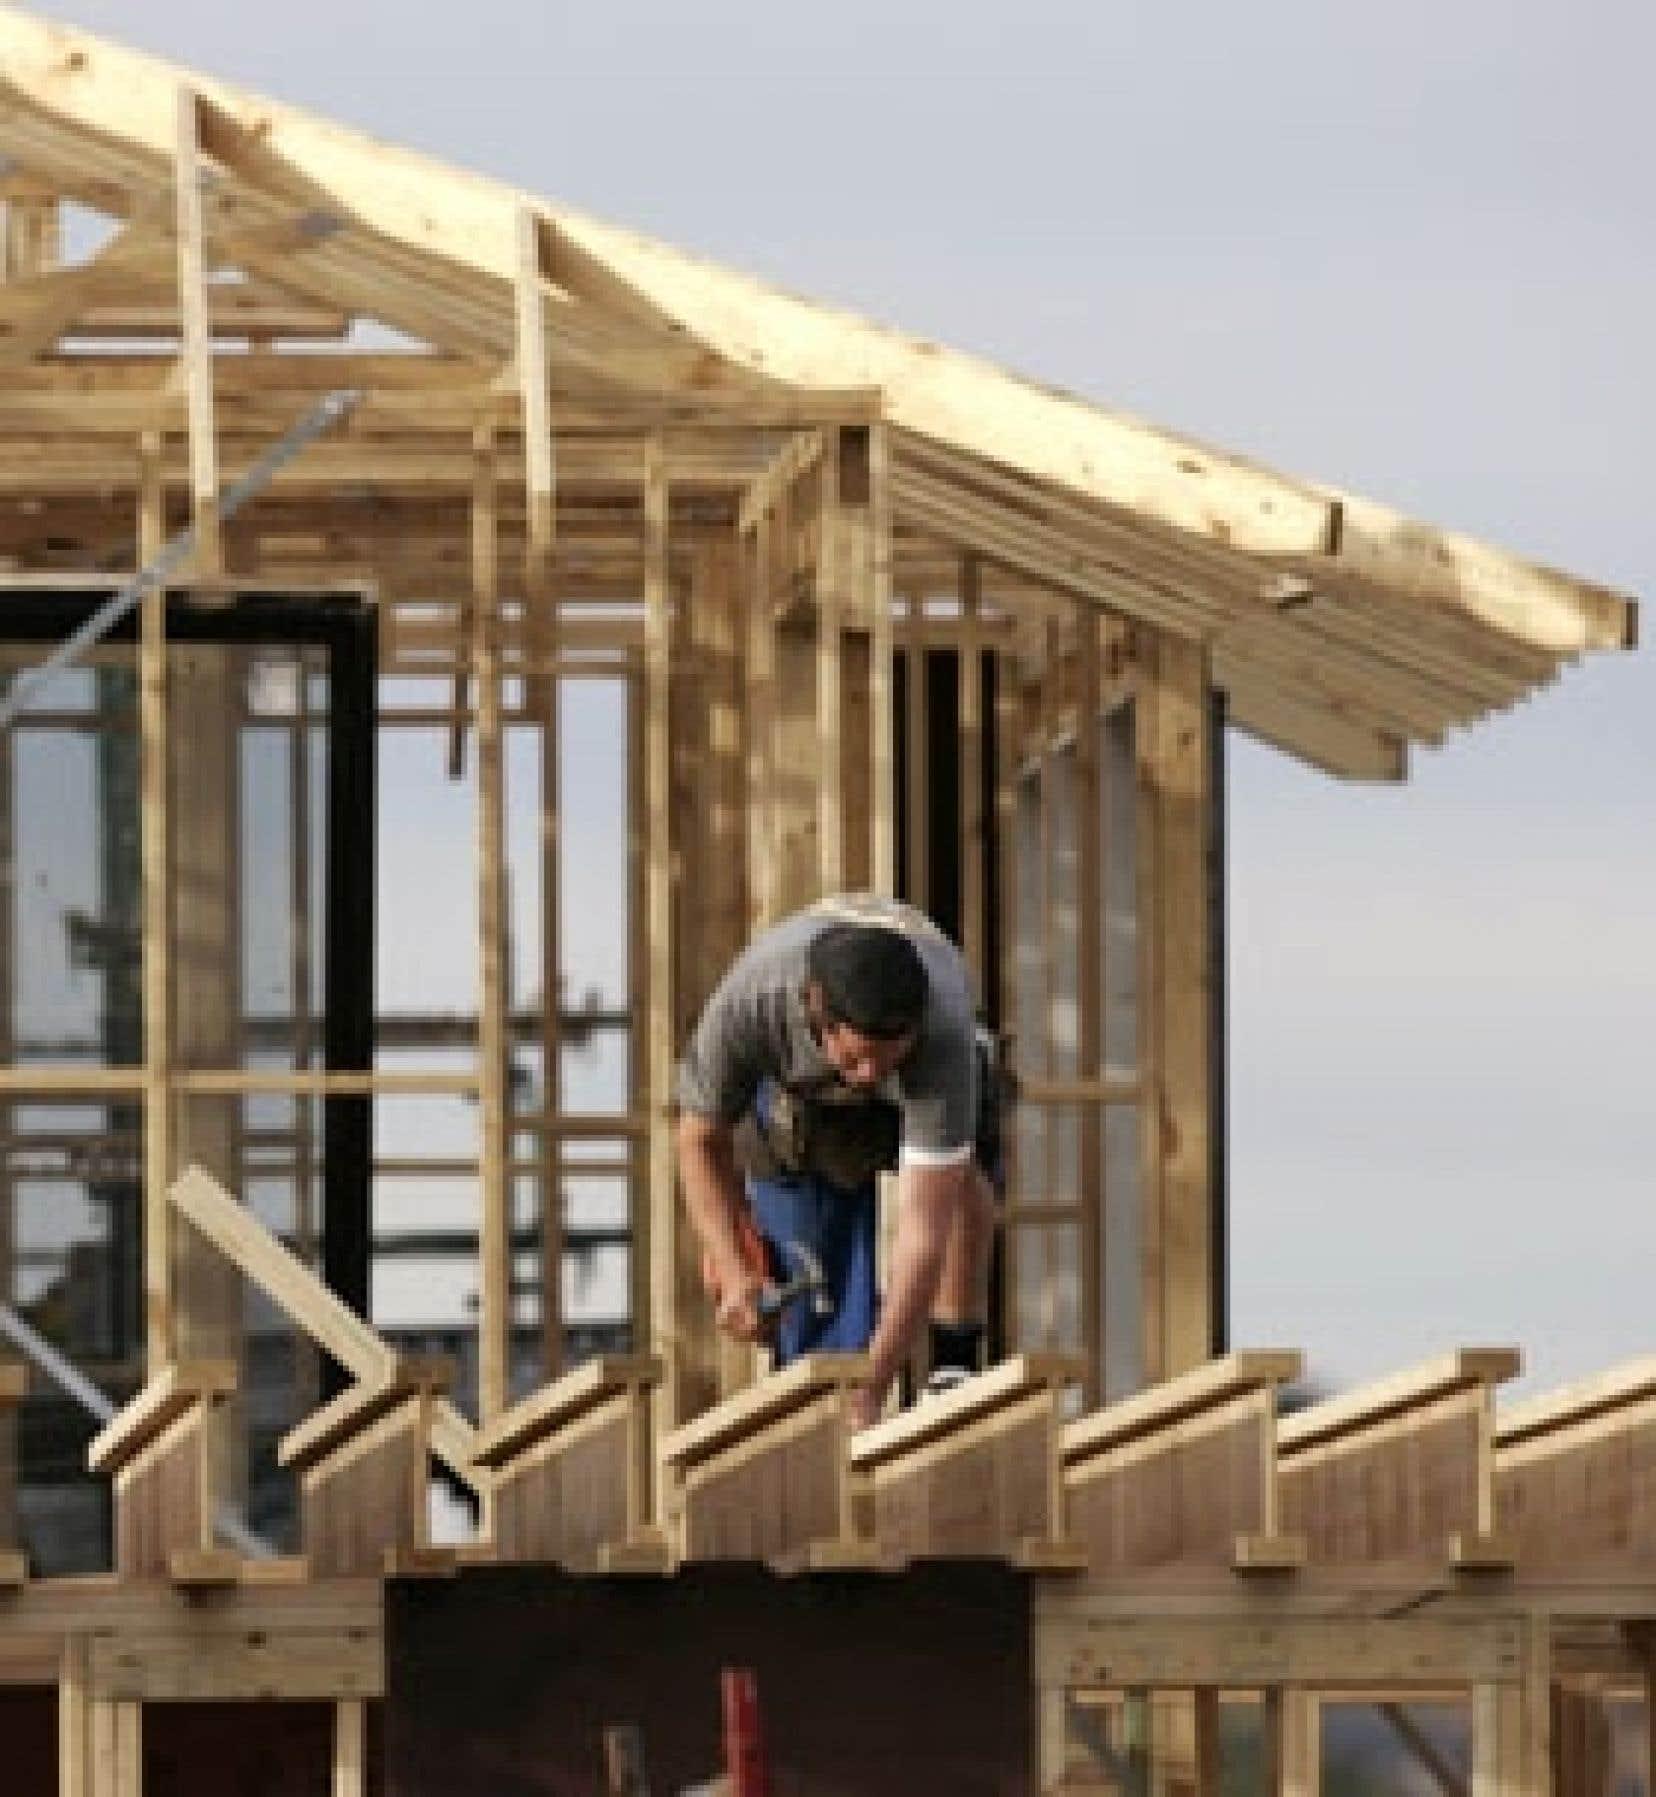 Les données américaines du mois de janvier signalent que les mises en chantier en janvier étaient à leur plus bas niveau en 10 ans et évoluaient à une vitesse de 35 % inférieure à ce qu'elle était au sommet du cycle.